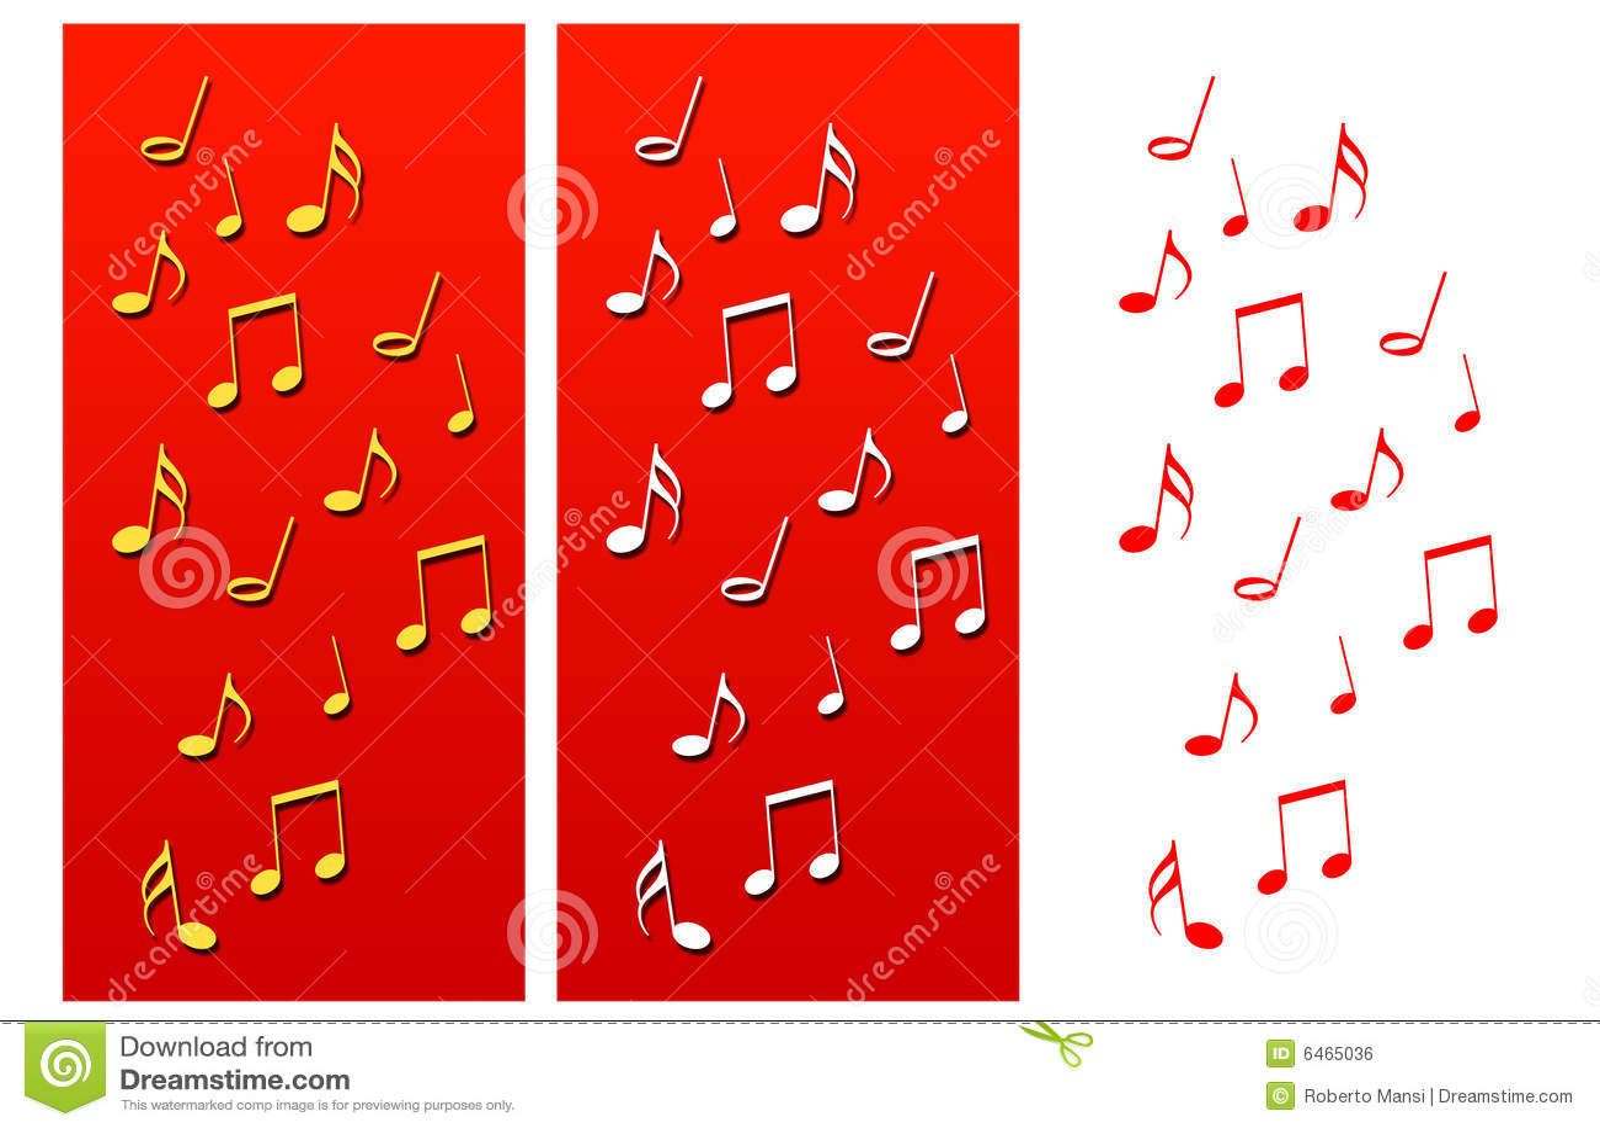 świątecznej muzyki uwagi dotyczĄce skŁadu